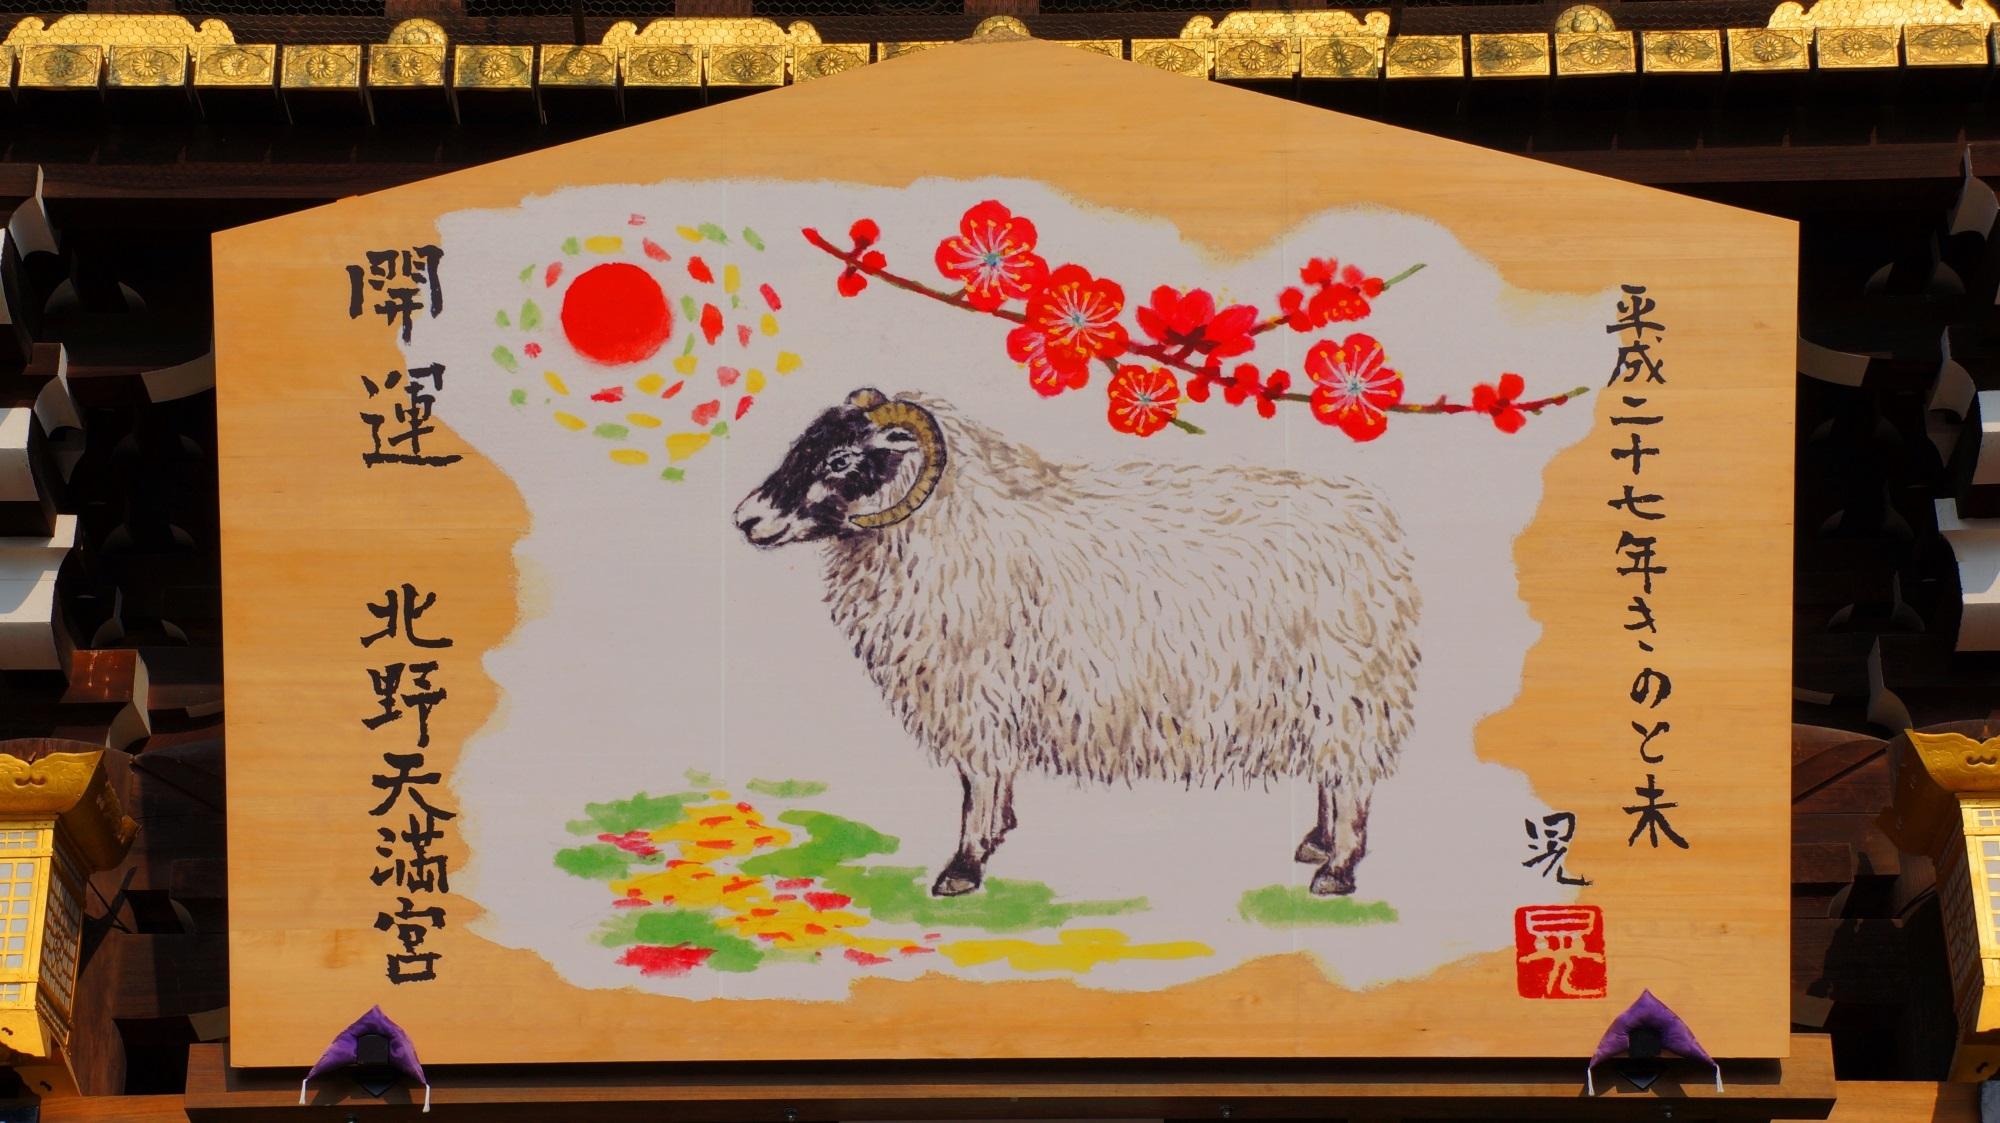 北野天満宮 大絵馬 未(ひつじ) 謹賀新年